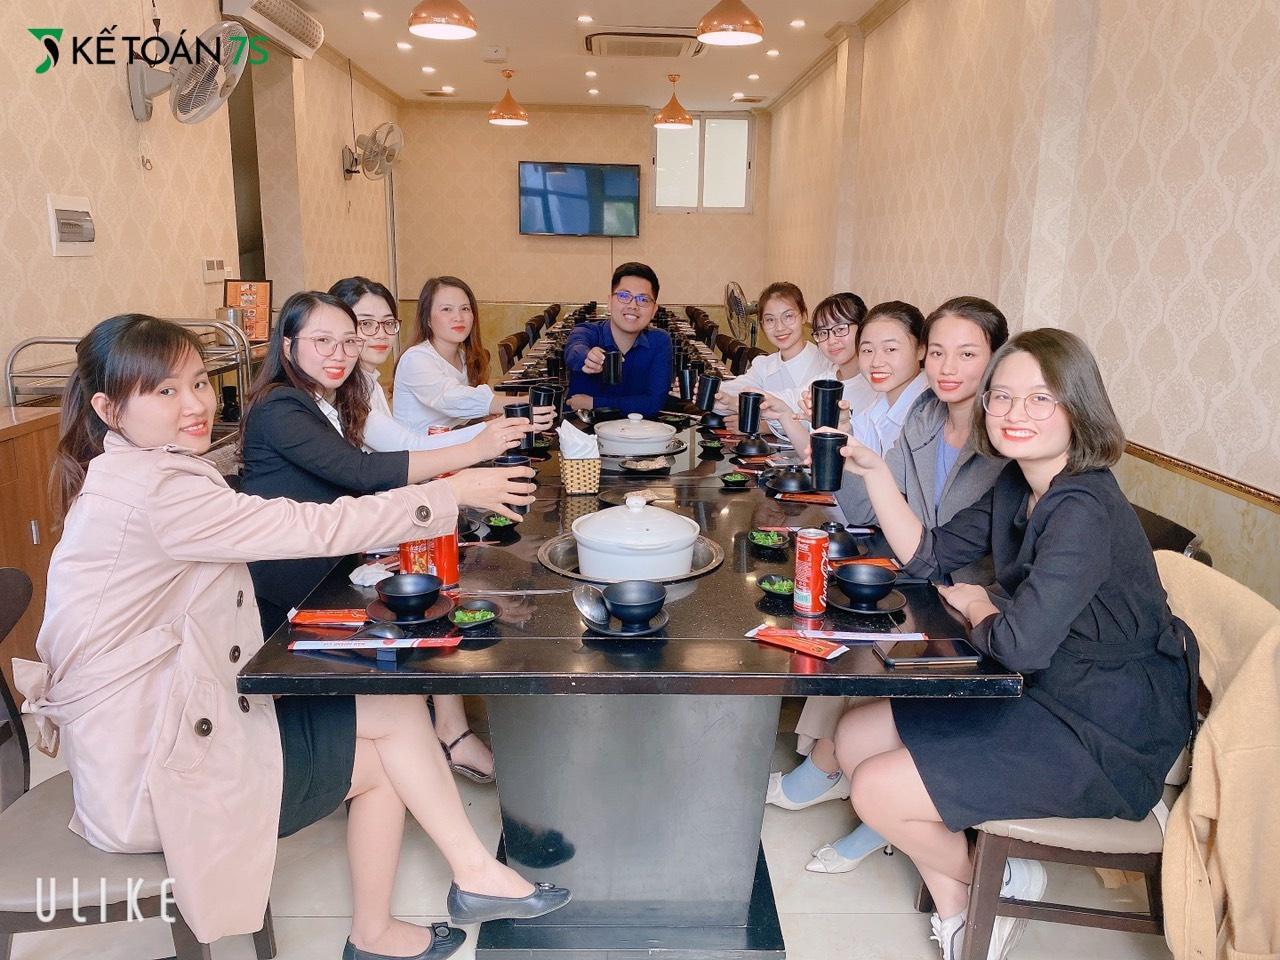 Sau buổi ra mắt thương hiệu mới, hai công ty đã có buổi ăn trưa ấm cúng hứa hẹn sự hợp tác lâu dài và bền chặt.